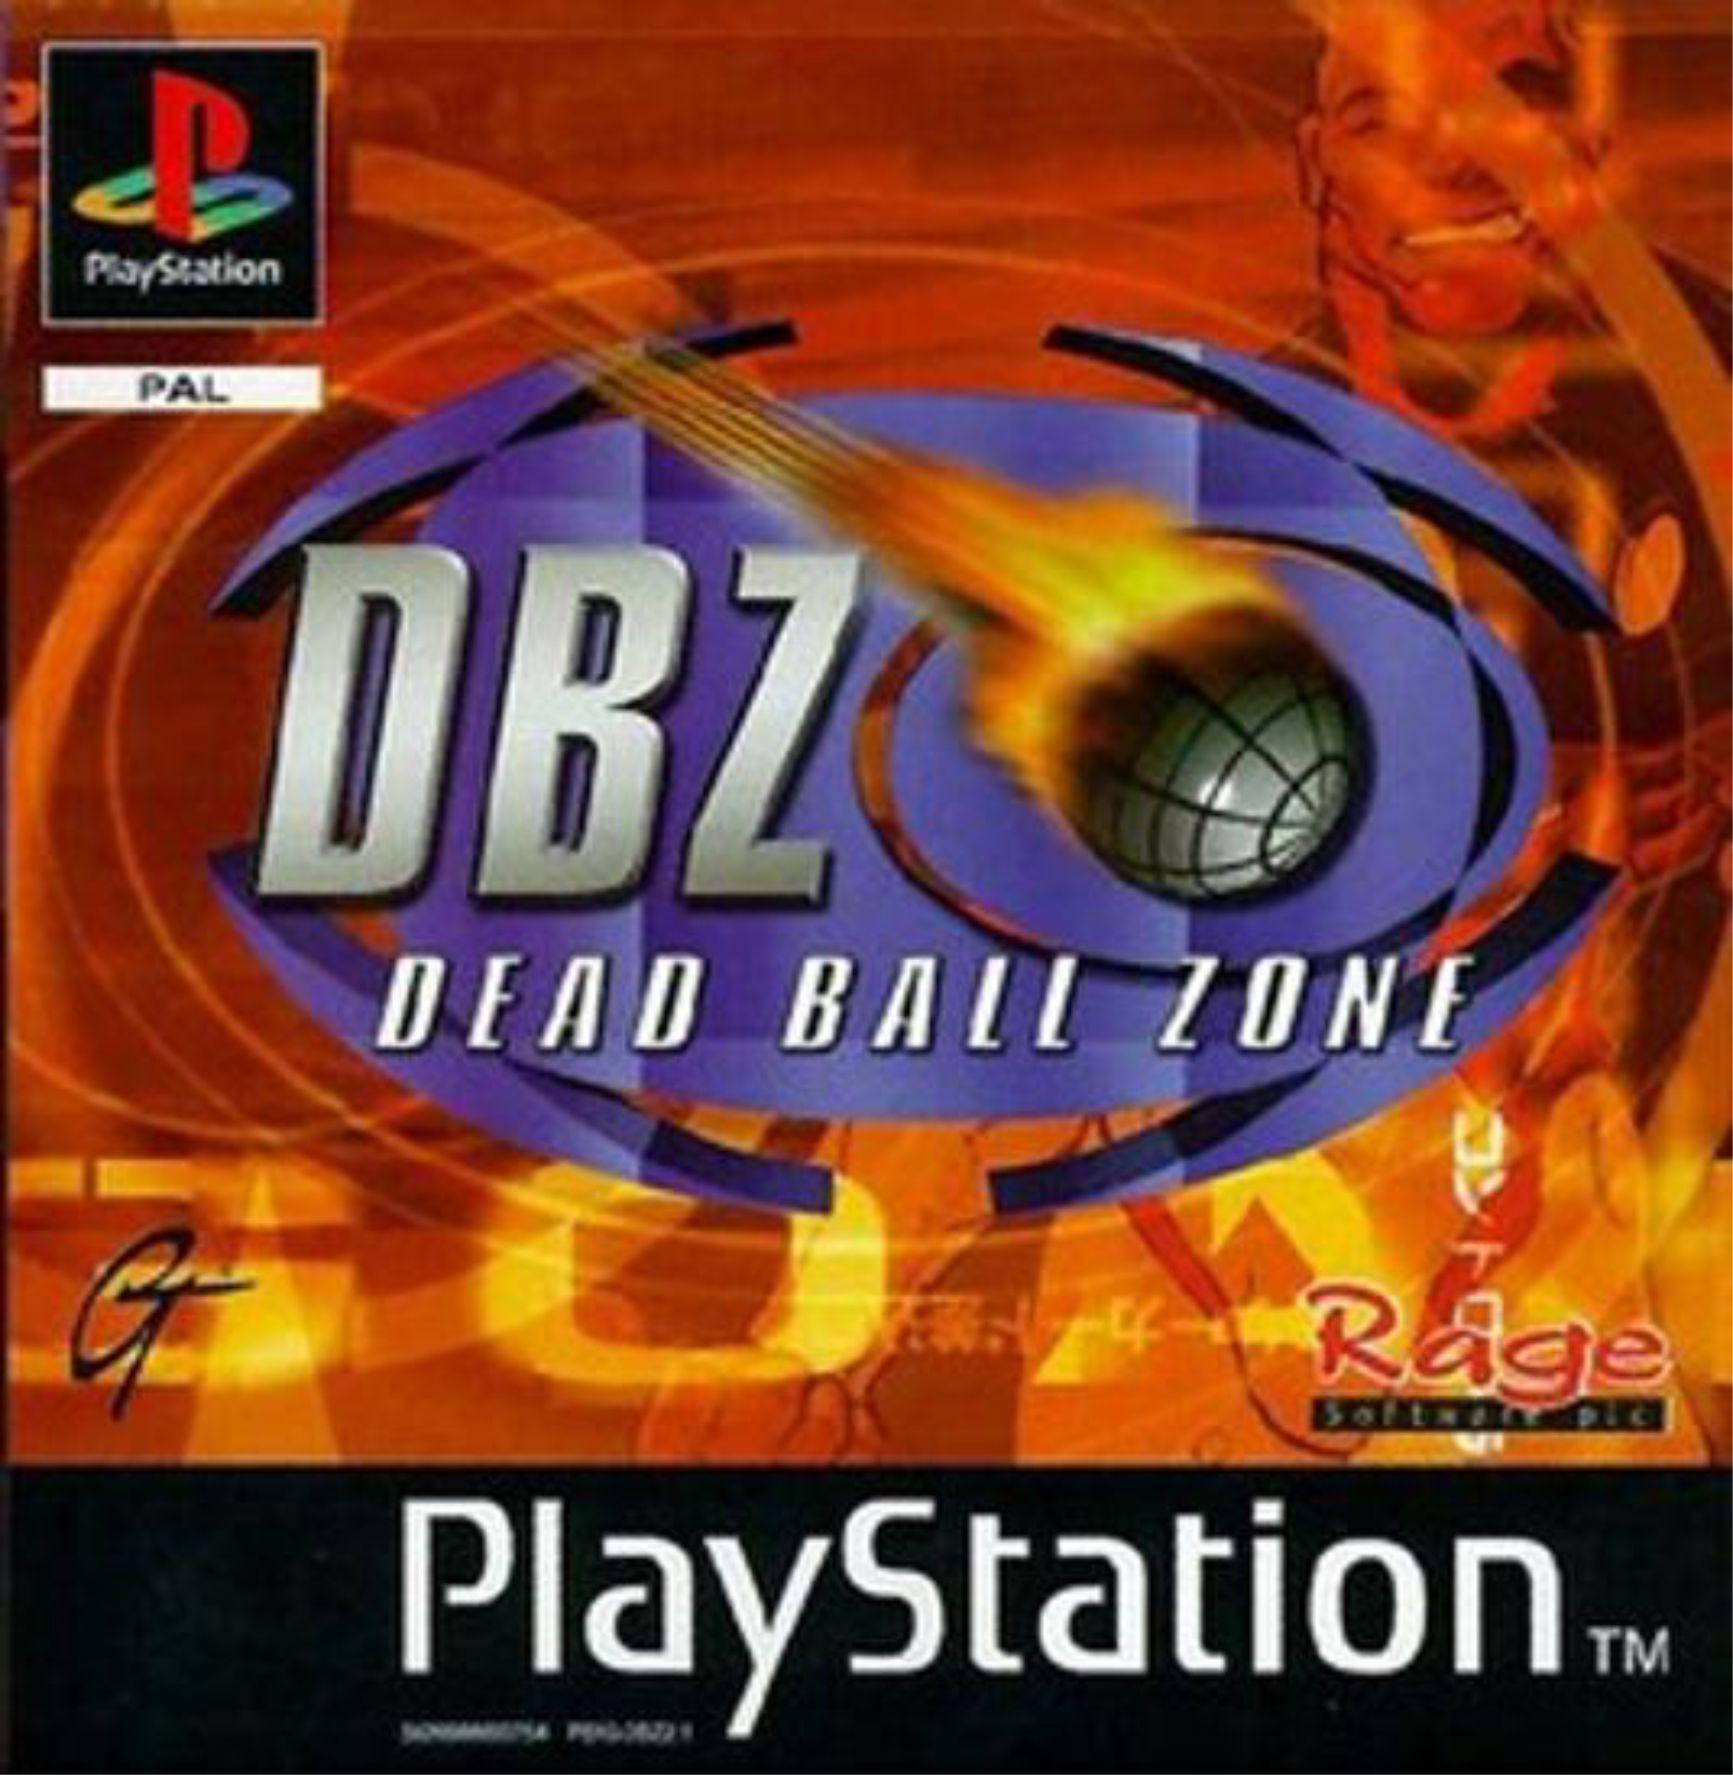 PS1 DBZ: Dead Ball Zone